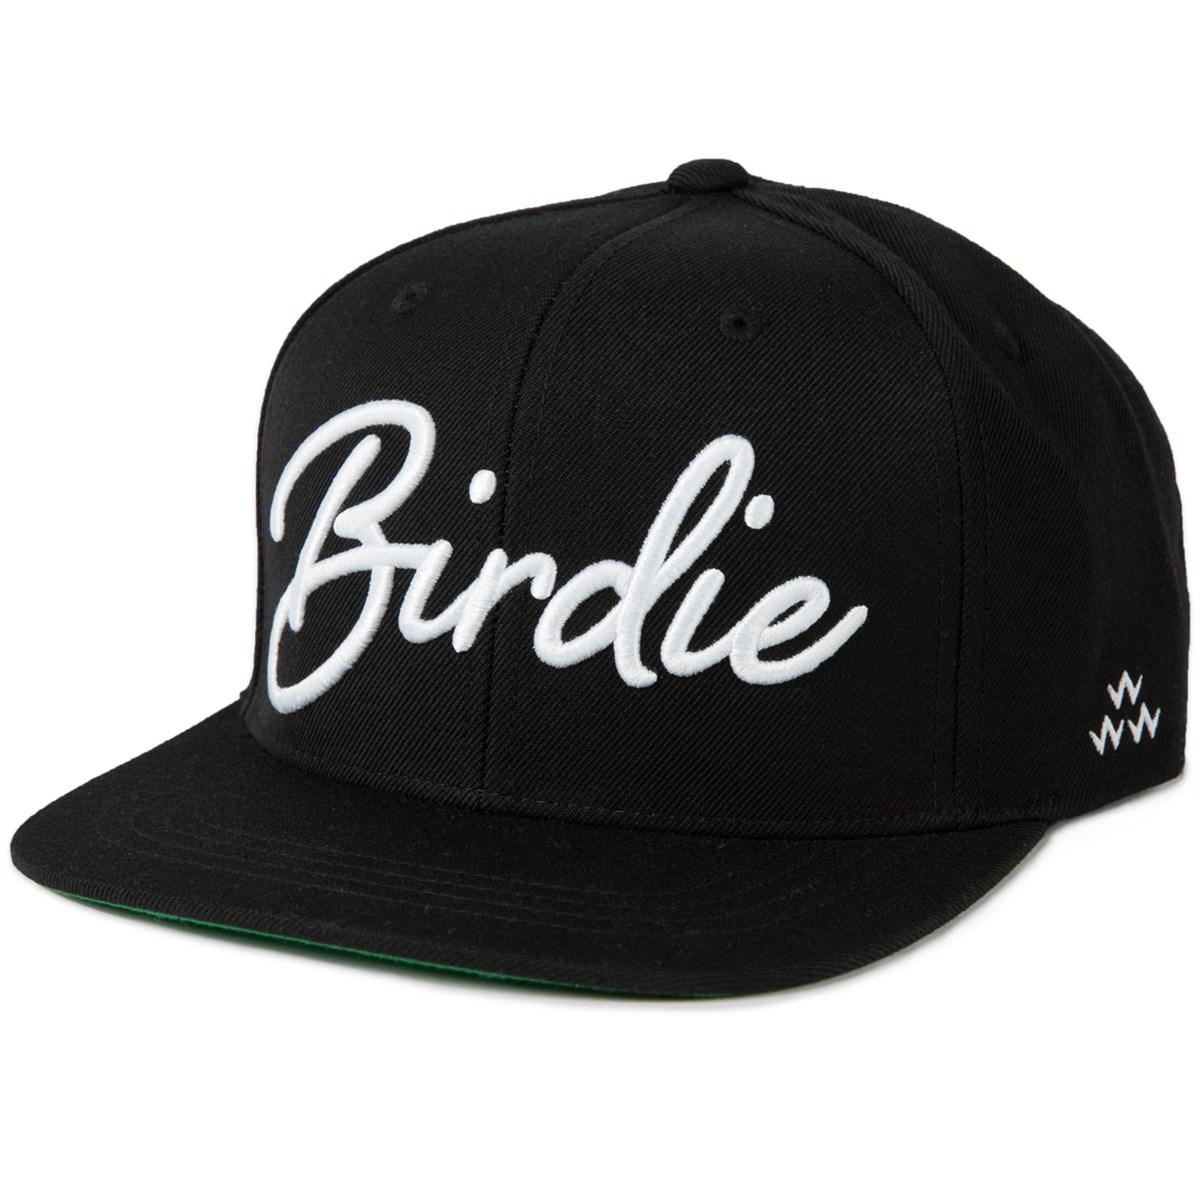 バーズ・オブ・コンドル Birdie キャップ